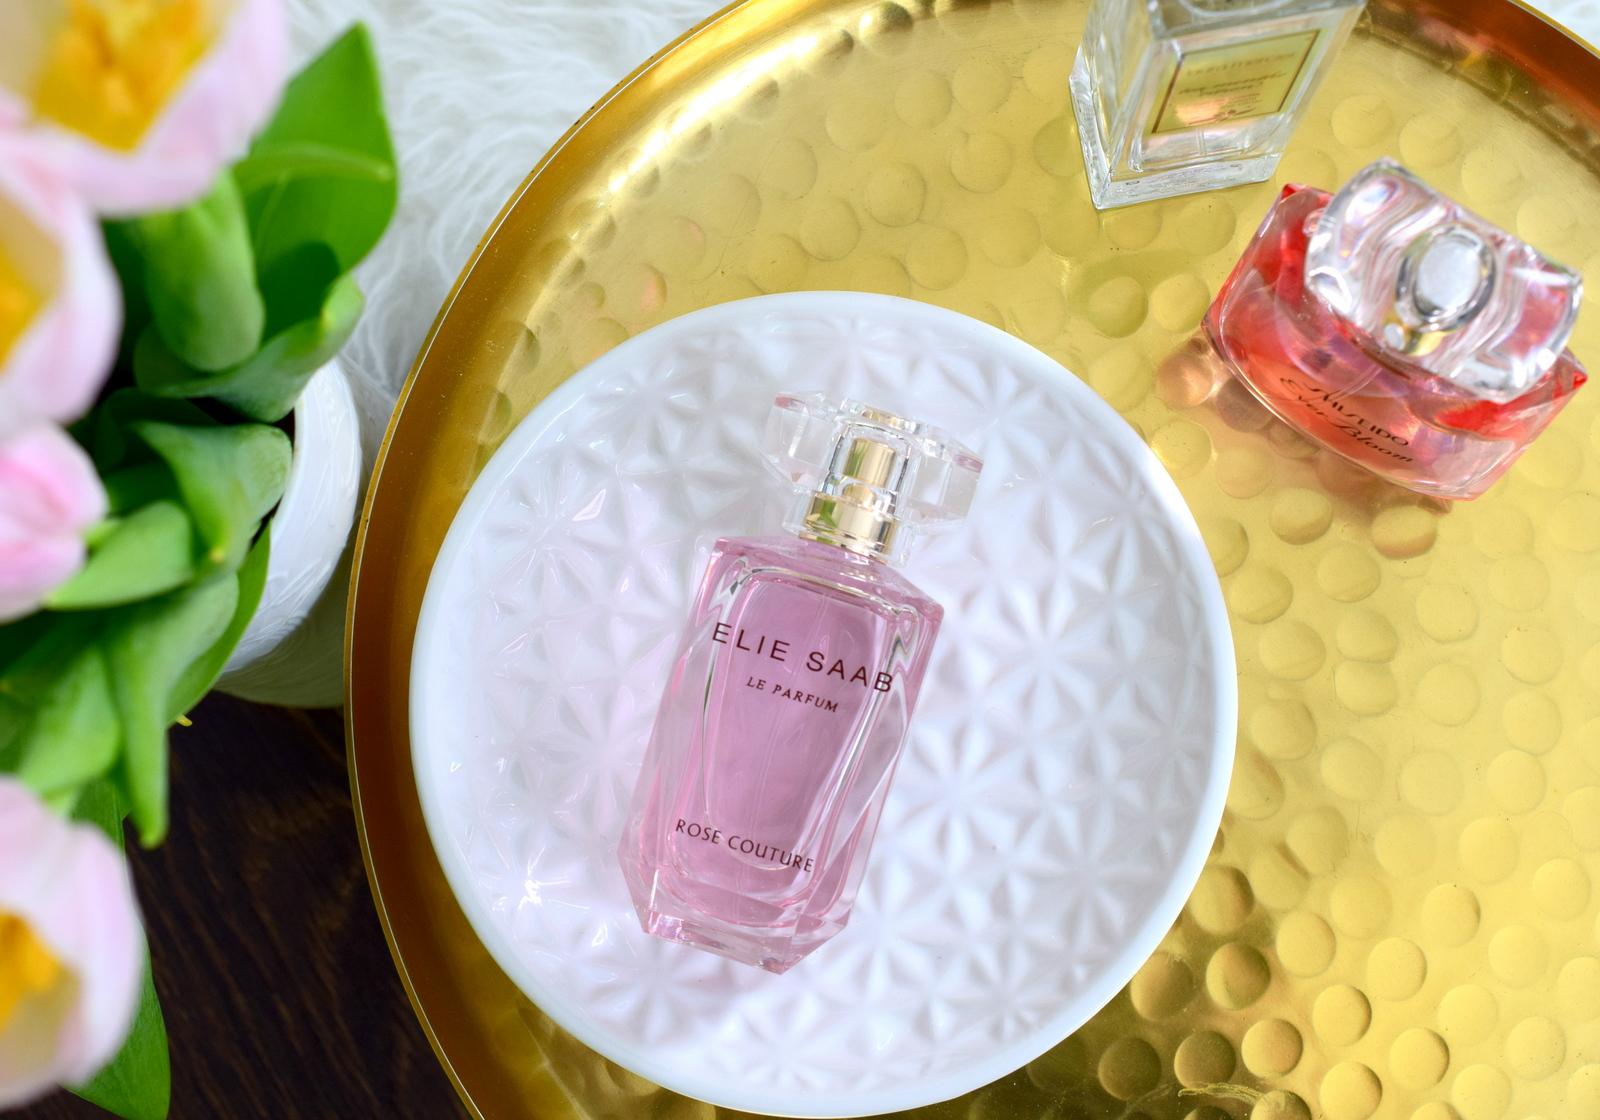 Elie Saab Rose Couture. Ein tolles Parfum für den Frühling. Blumiger Duft nach Rose für den Frühling.